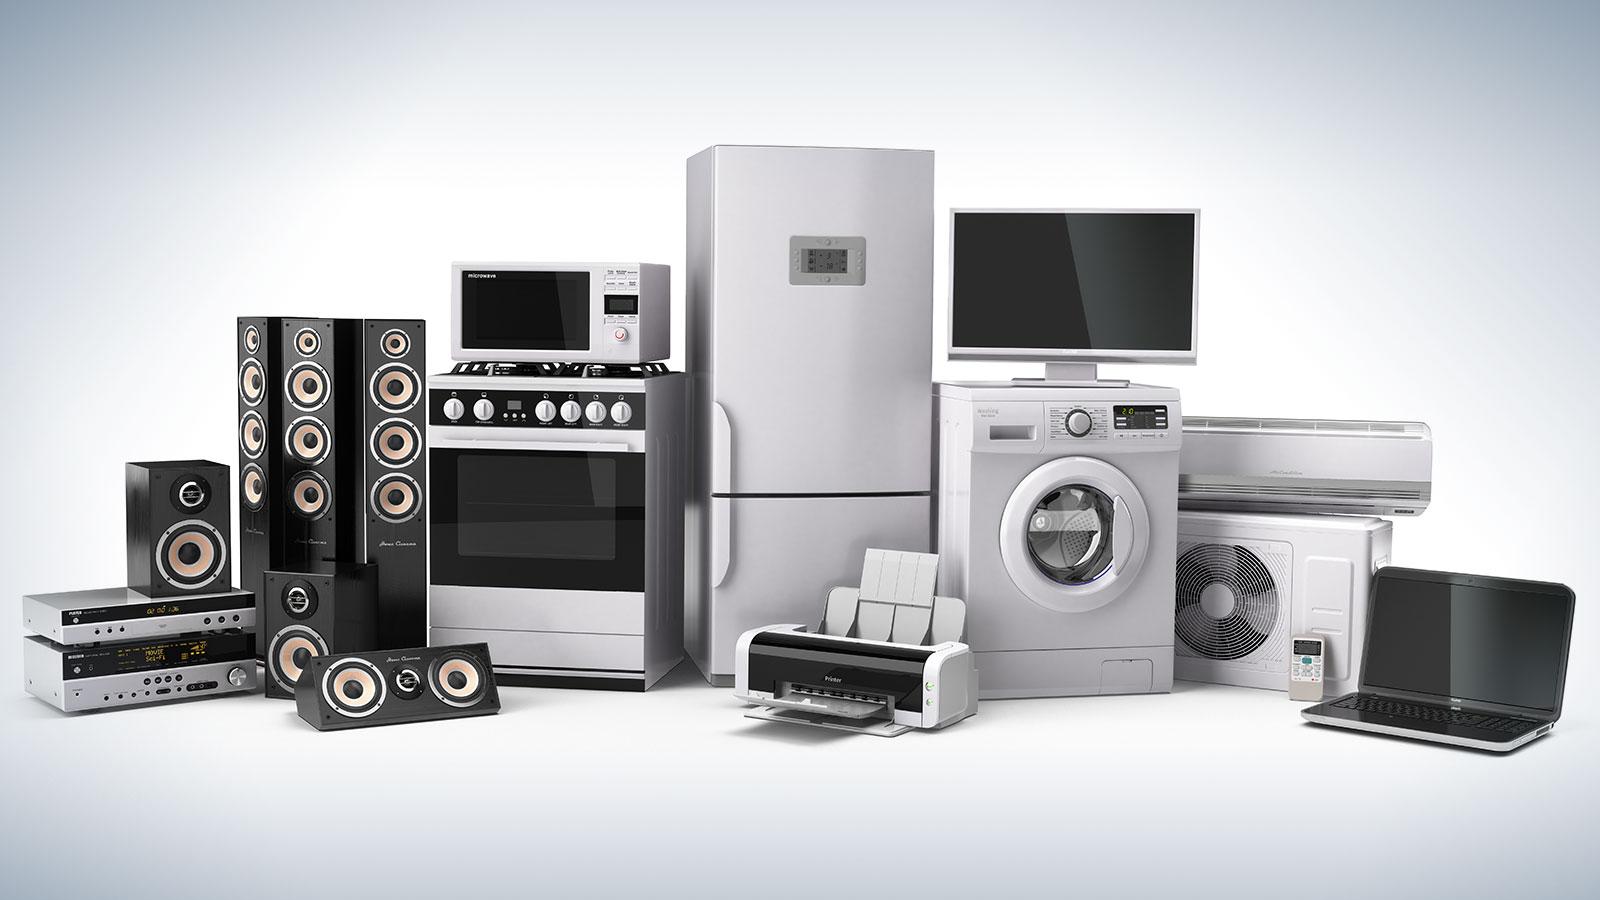 Dónde comprar los electrodomésticos ¿En el pequeño comercio local?